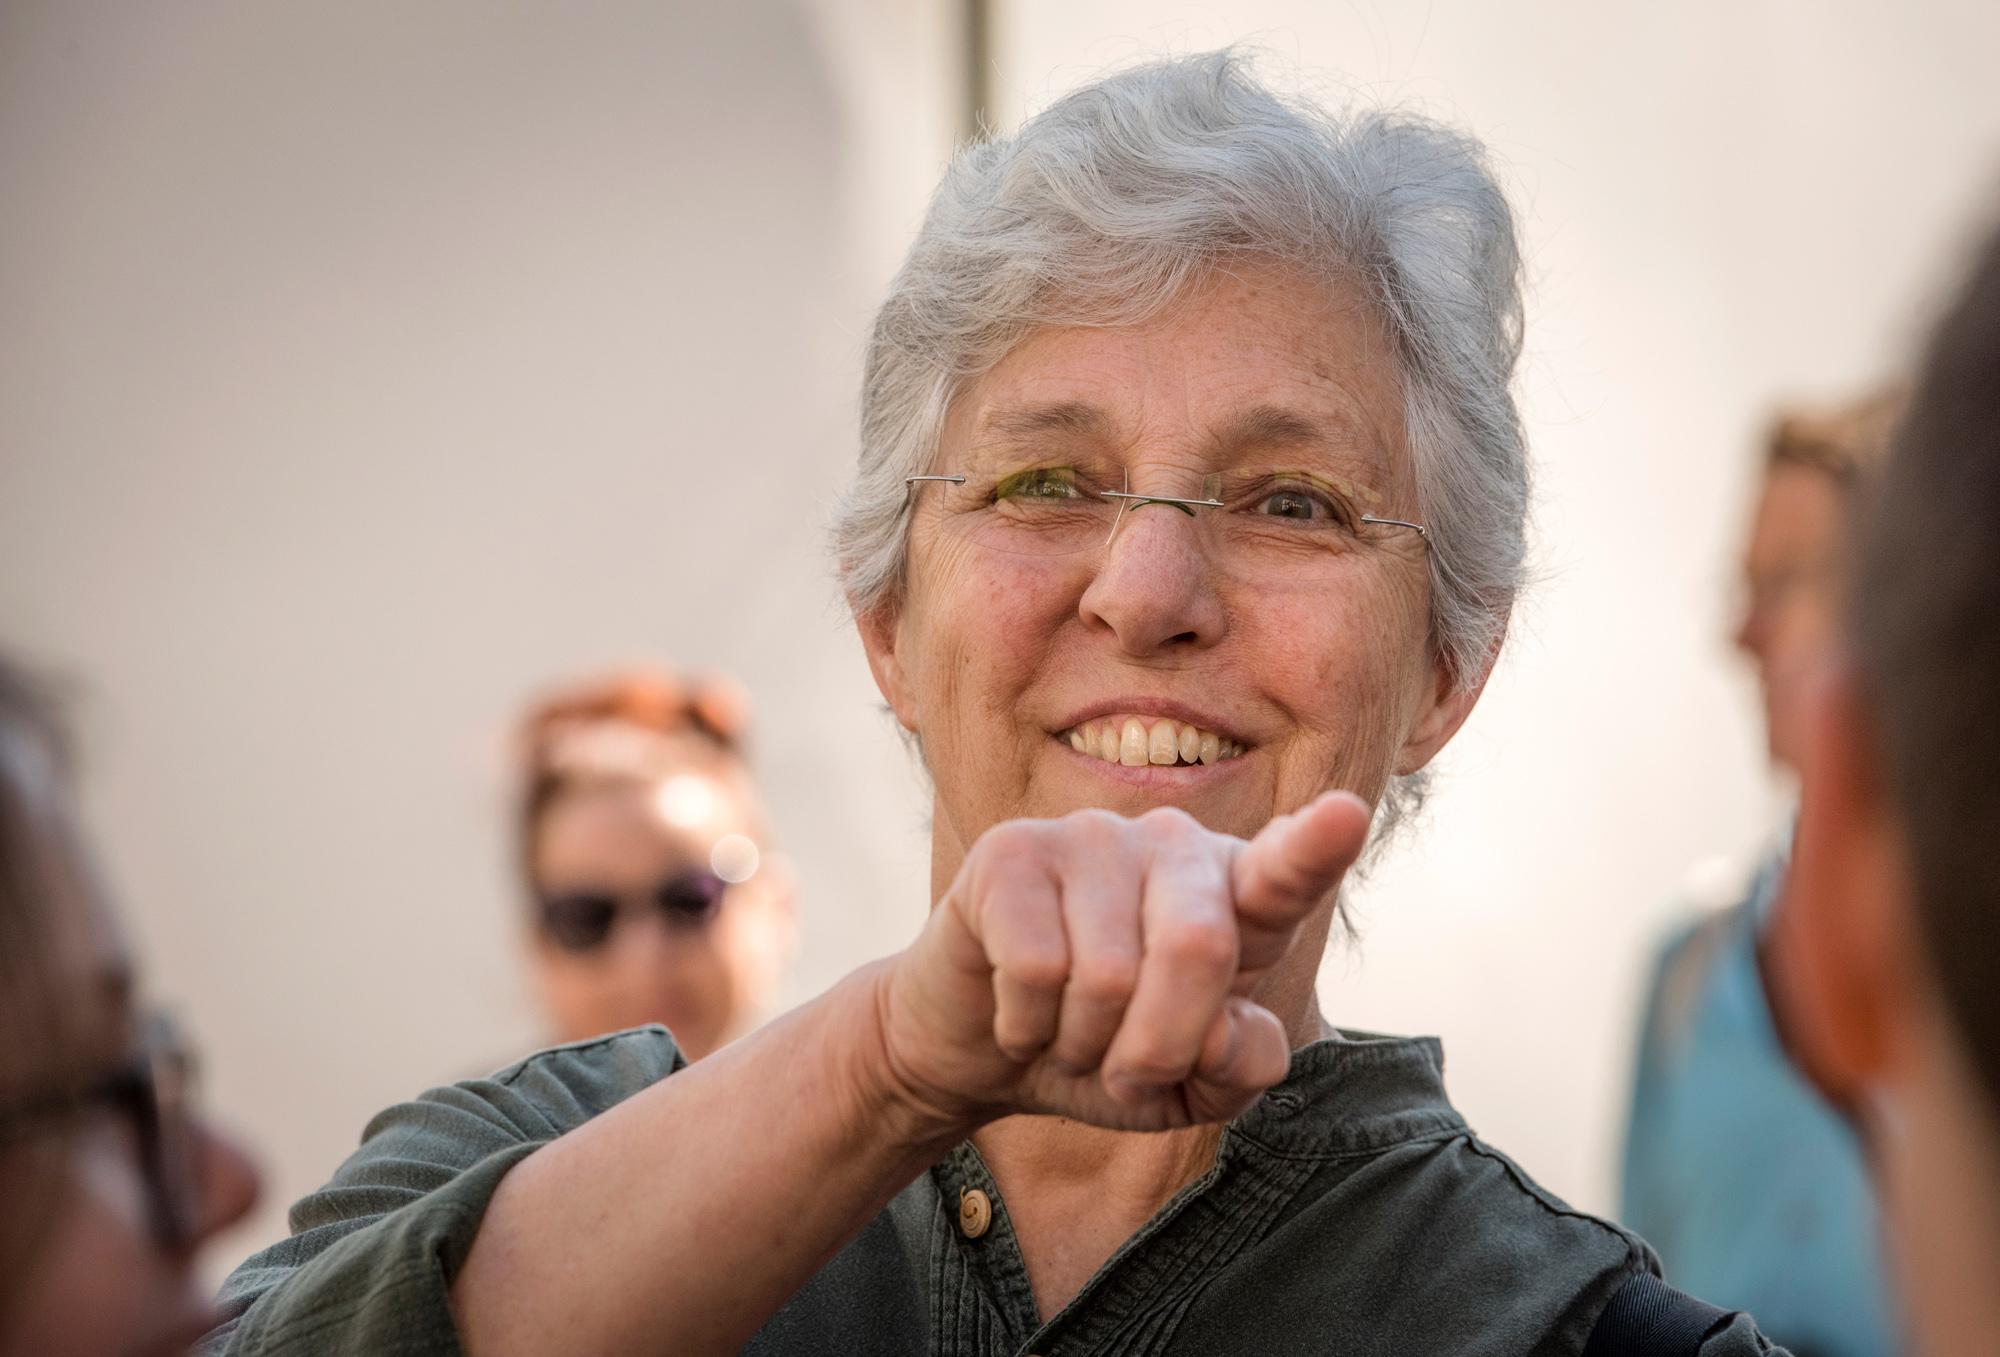 Mehr Teacher als Märchentante - JeanneDarling bringt Kinder von nah und fern Basler näher.